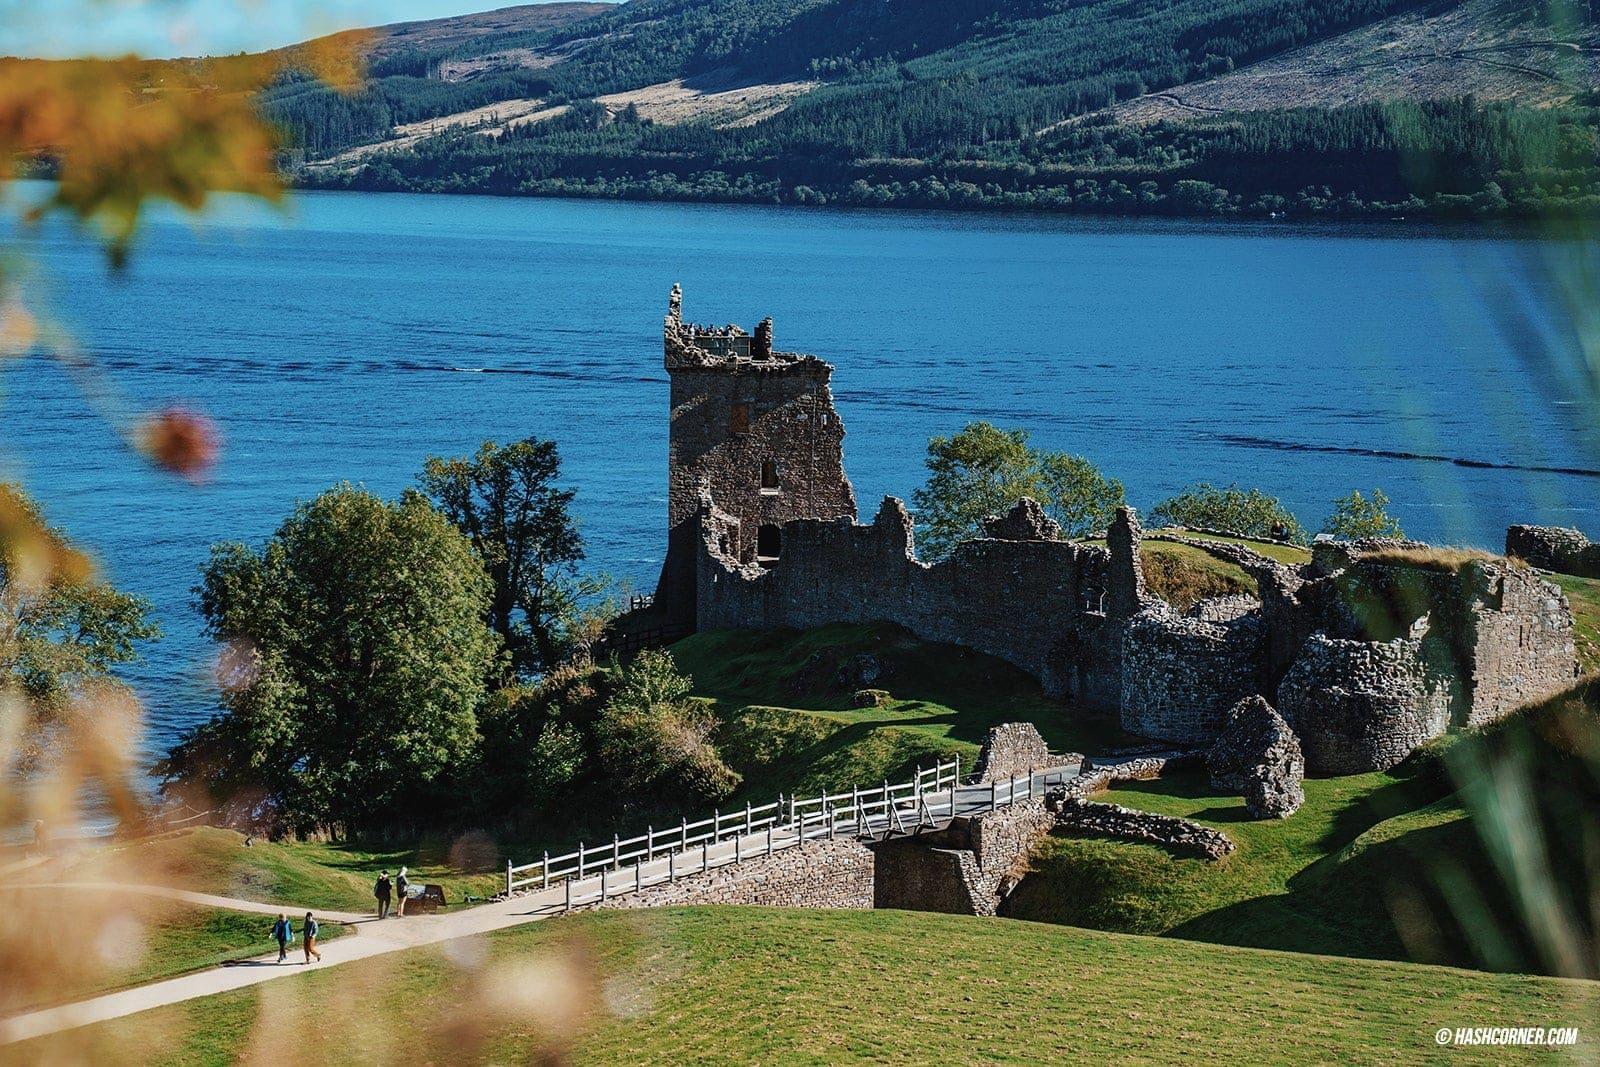 รีวิว อินเวอร์เนสส์ (Inverness) x สกอตแลนด์ เที่ยวอังกฤษครบรส!